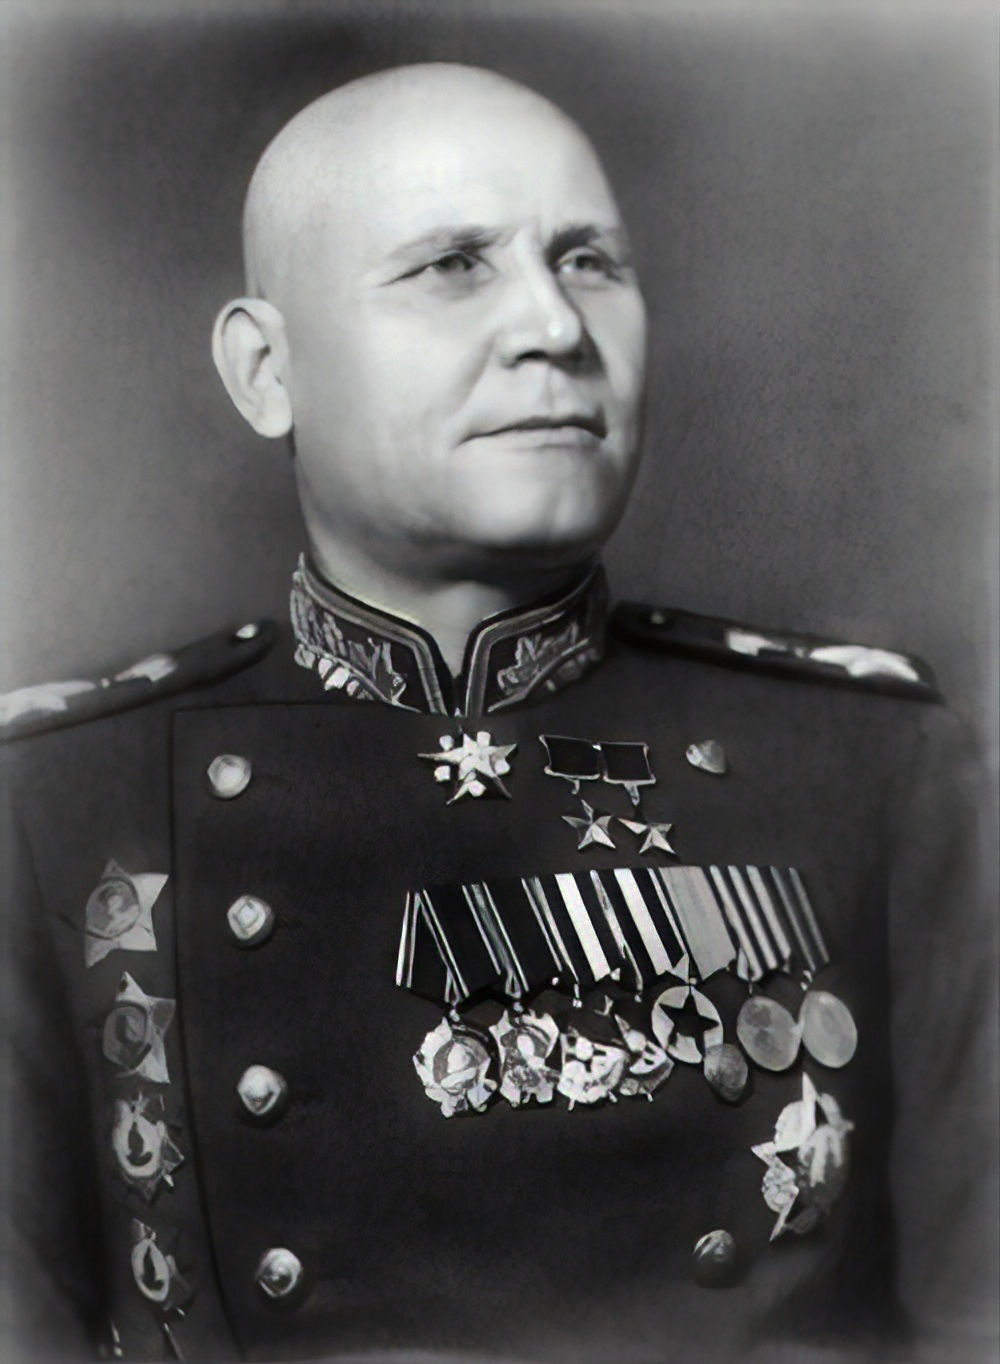 Konev também era de origem camponesa. Ele serviu como recruta no Exército Imperial Russo durante a Primeira Guerra Mundial e no Exército Vermelho durante a Guerra Civil Russa.